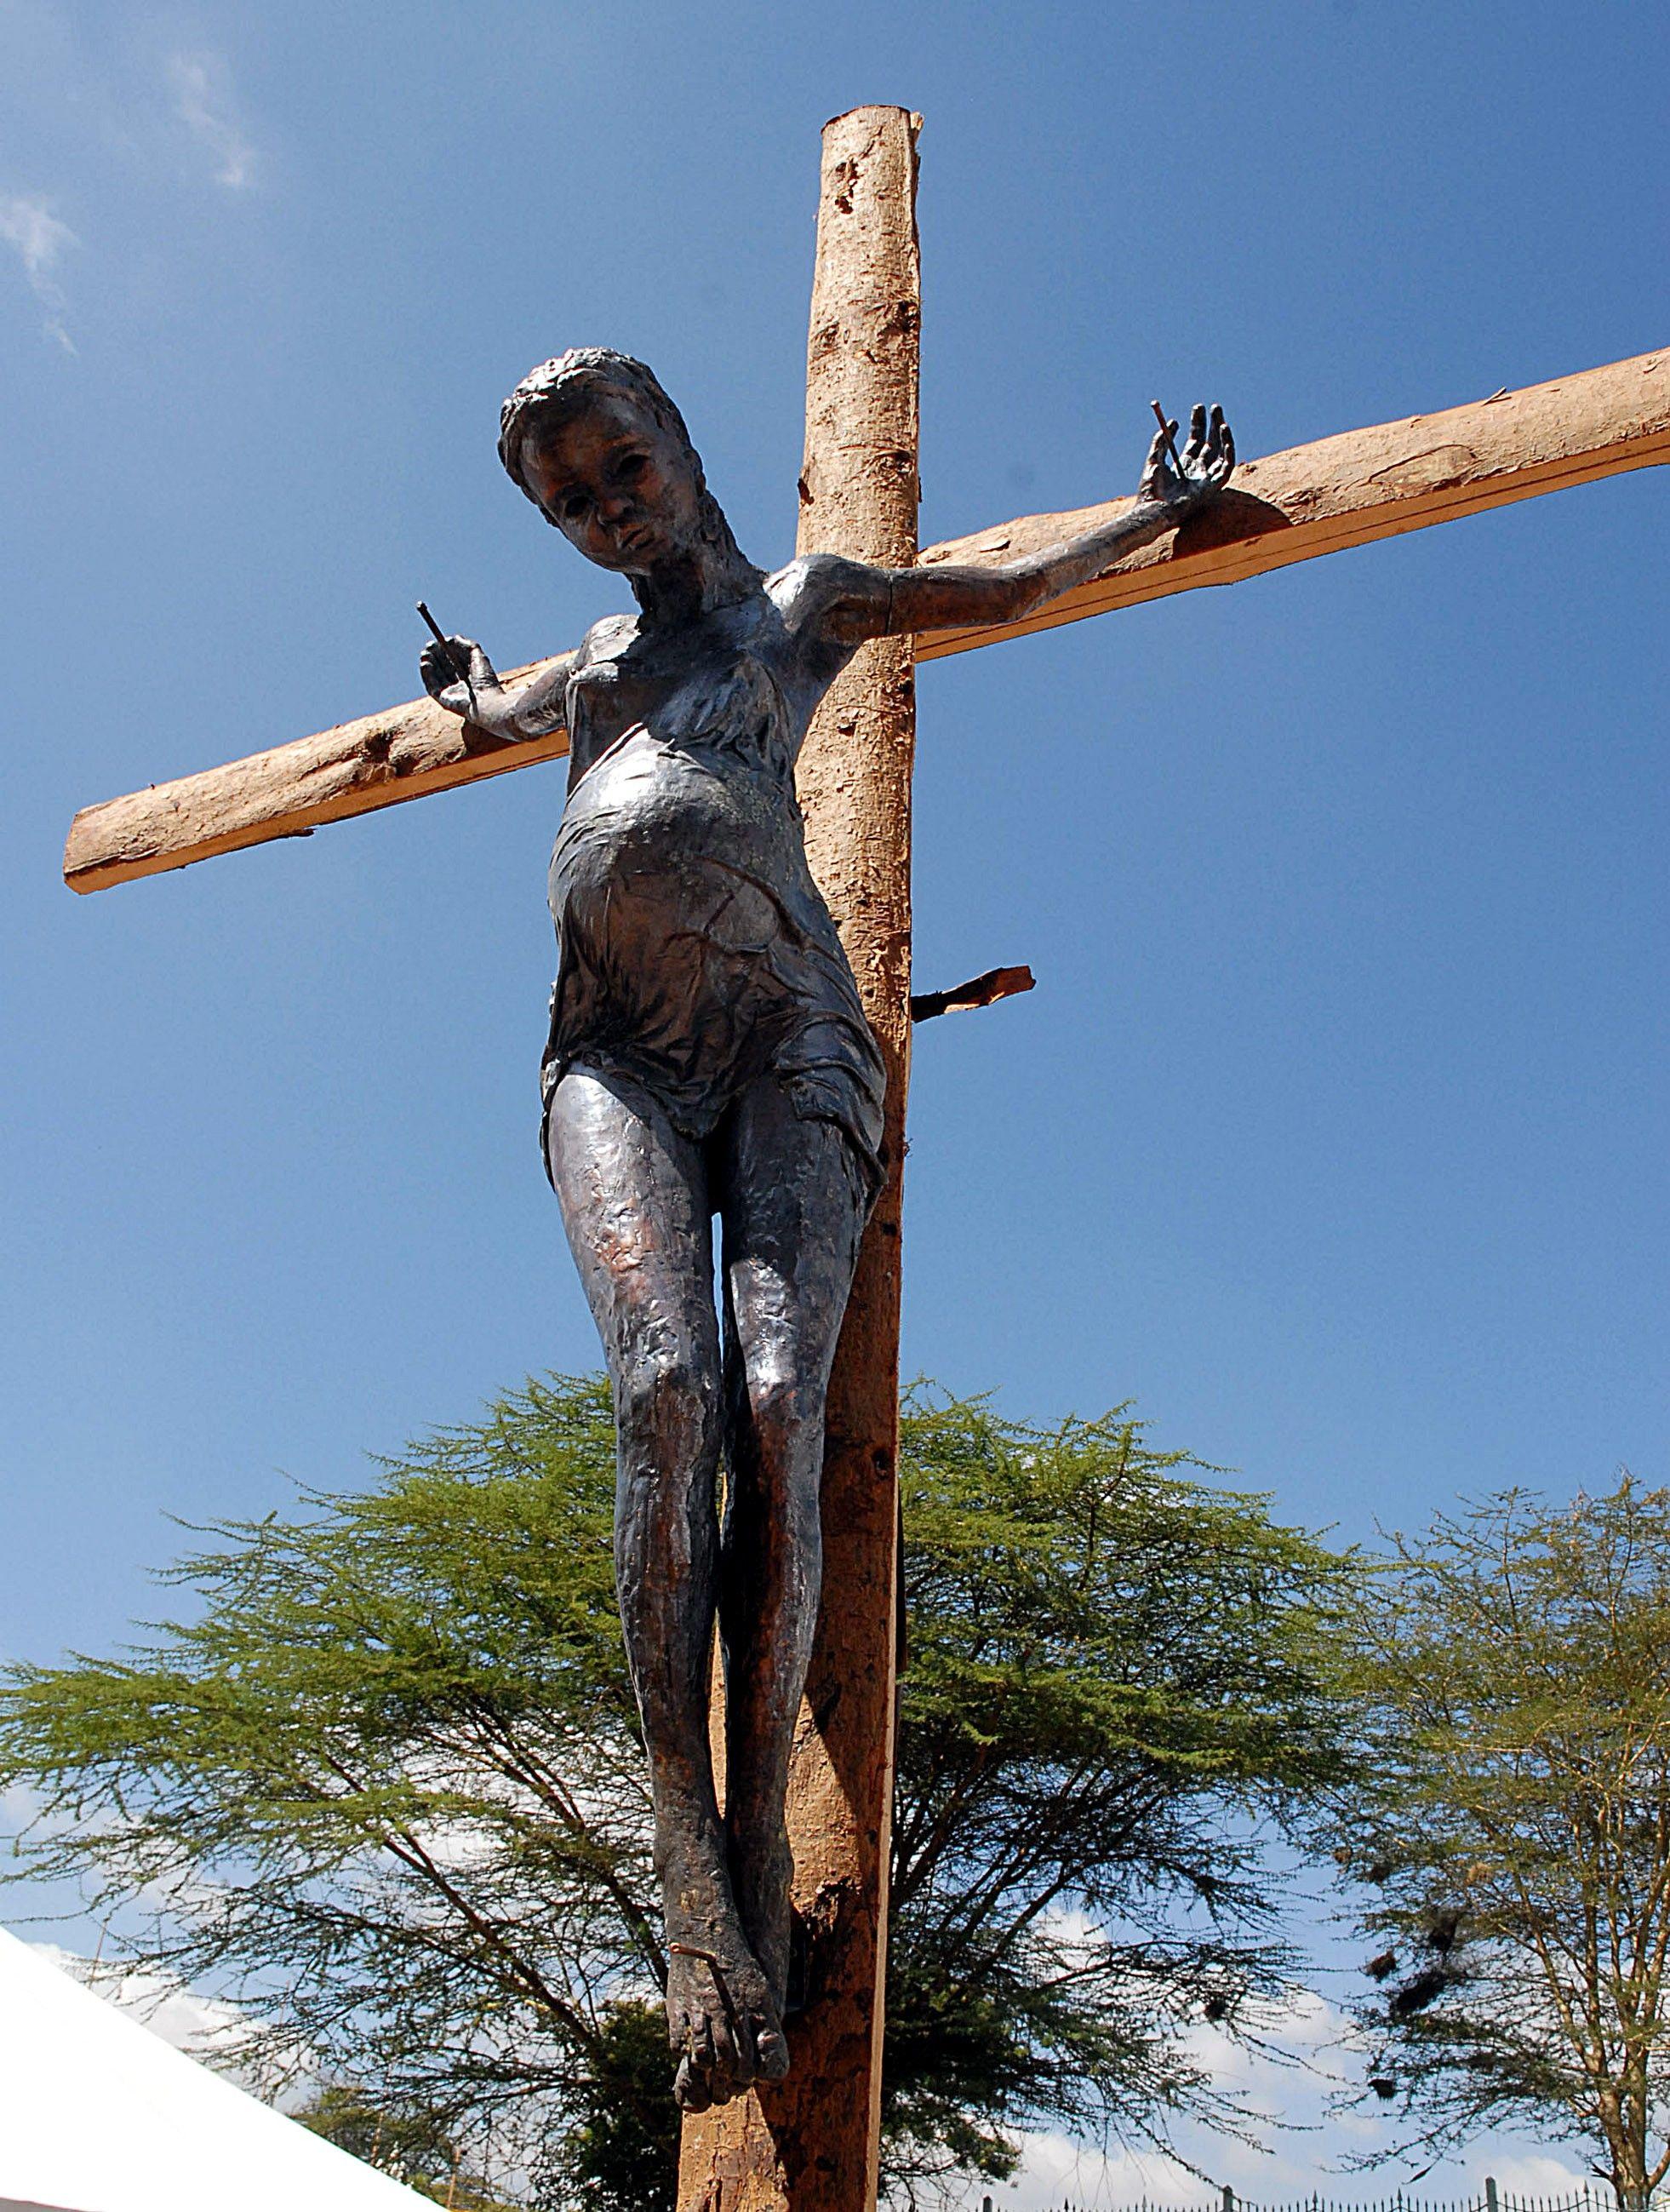 http://upload.wikimedia.org/wikipedia/commons/2/27/Crucified_Jens_Galschiot.jpeg